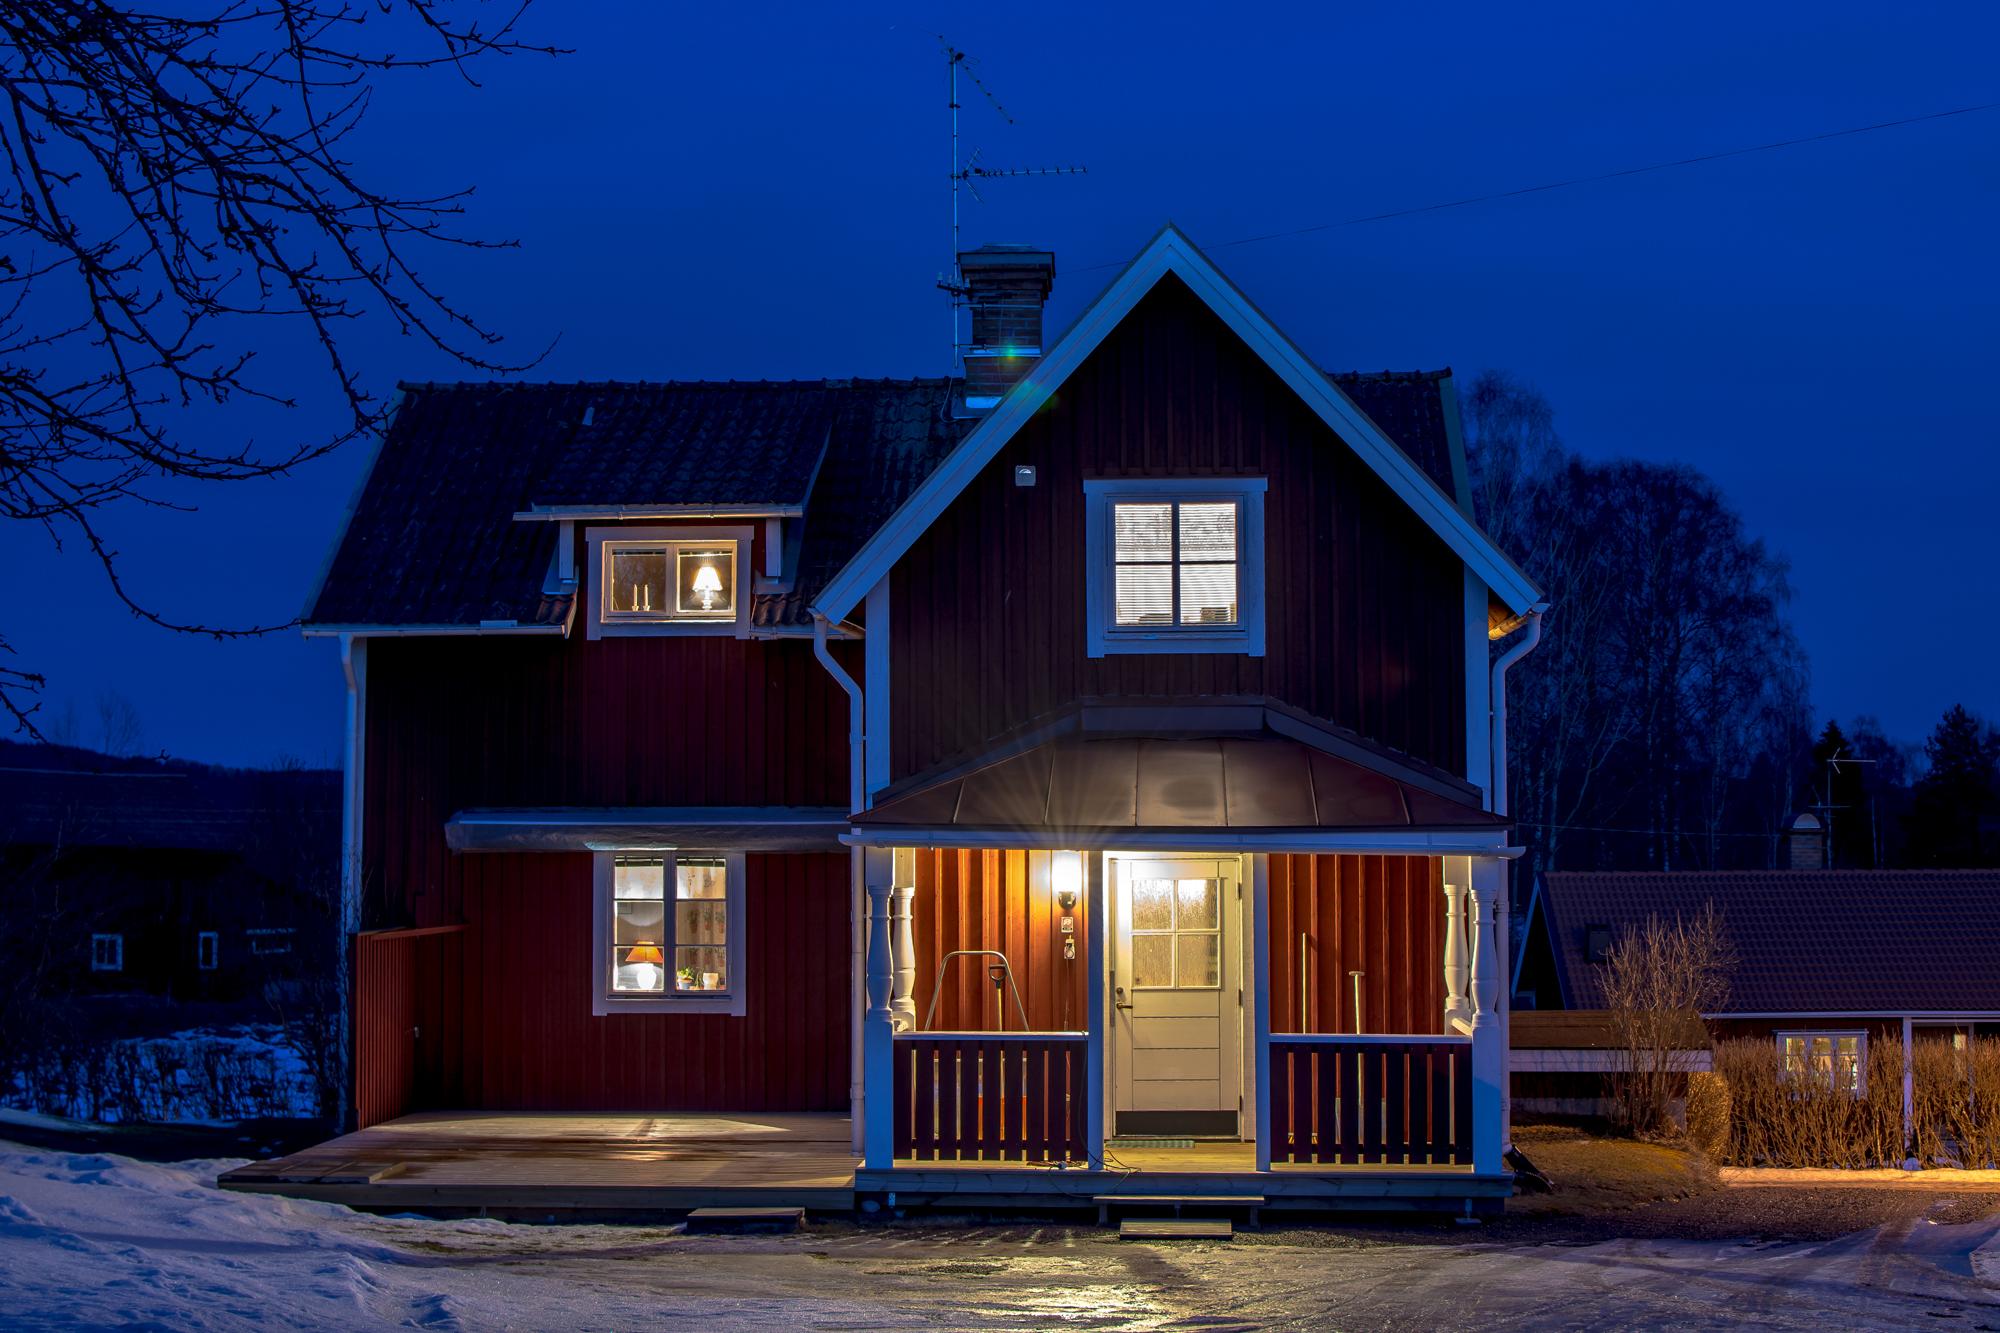 картинки домов в городе ночью